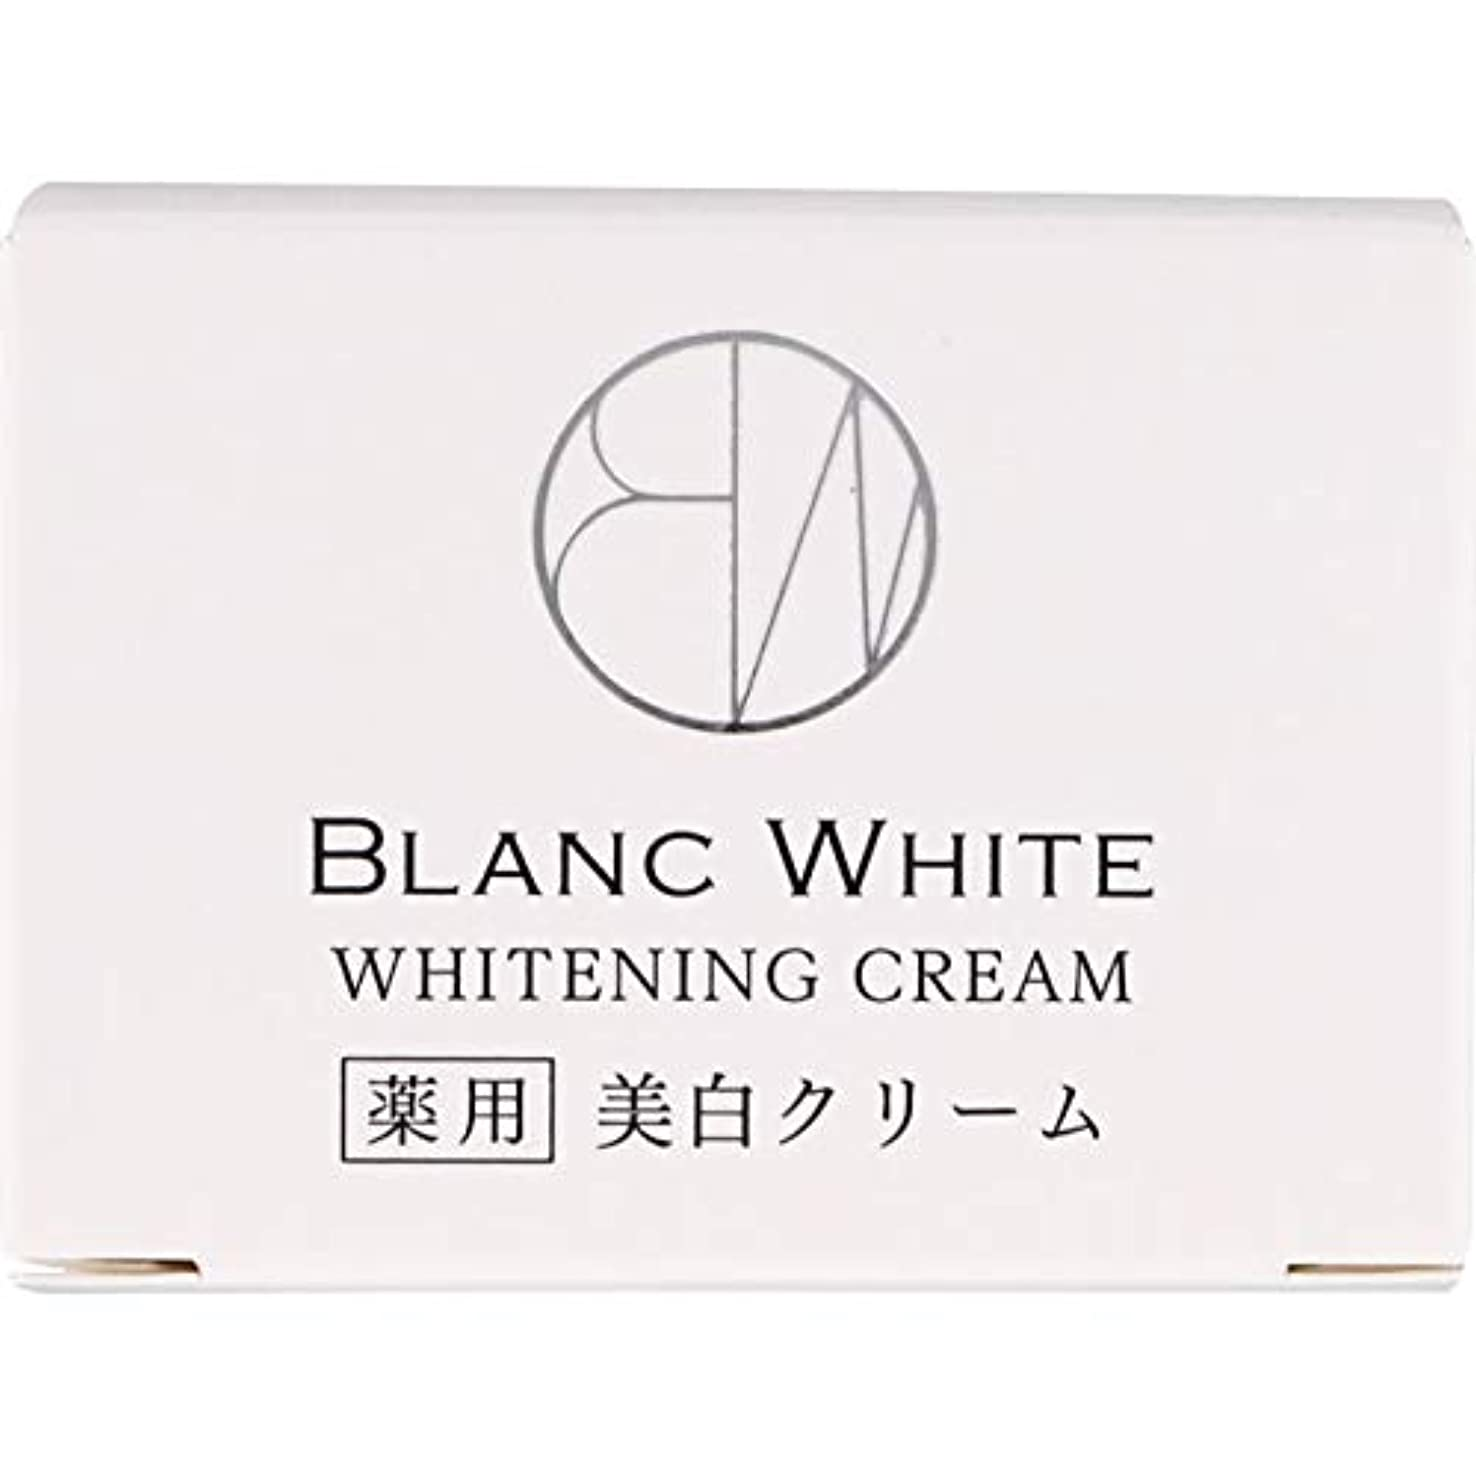 パーク持続する教授ブランホワイト ホワイトニング クリーム 45g